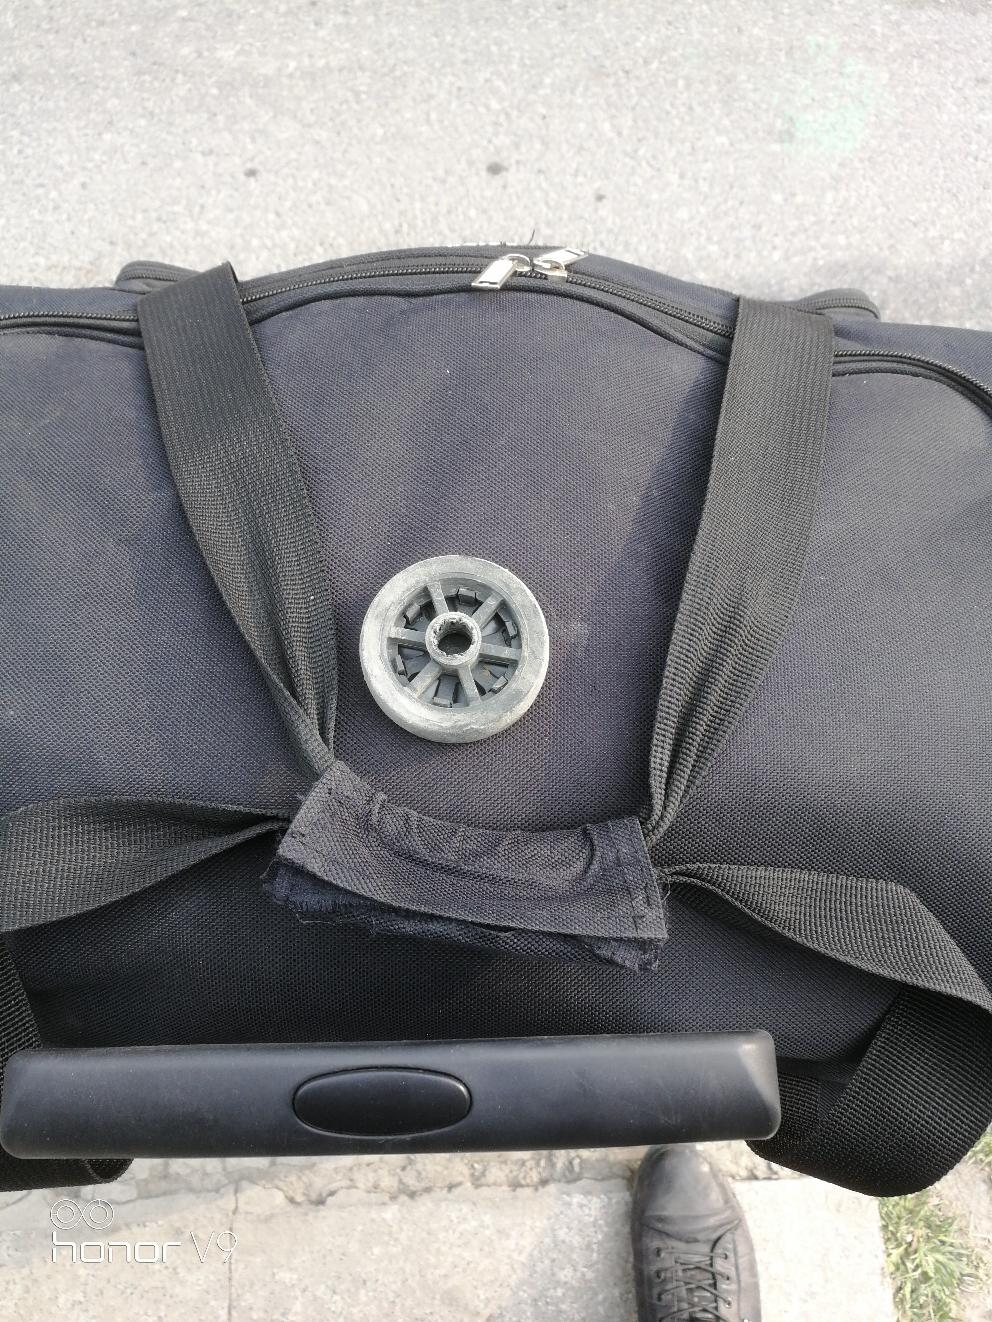 行李箱的车轱辘不能远行啊!